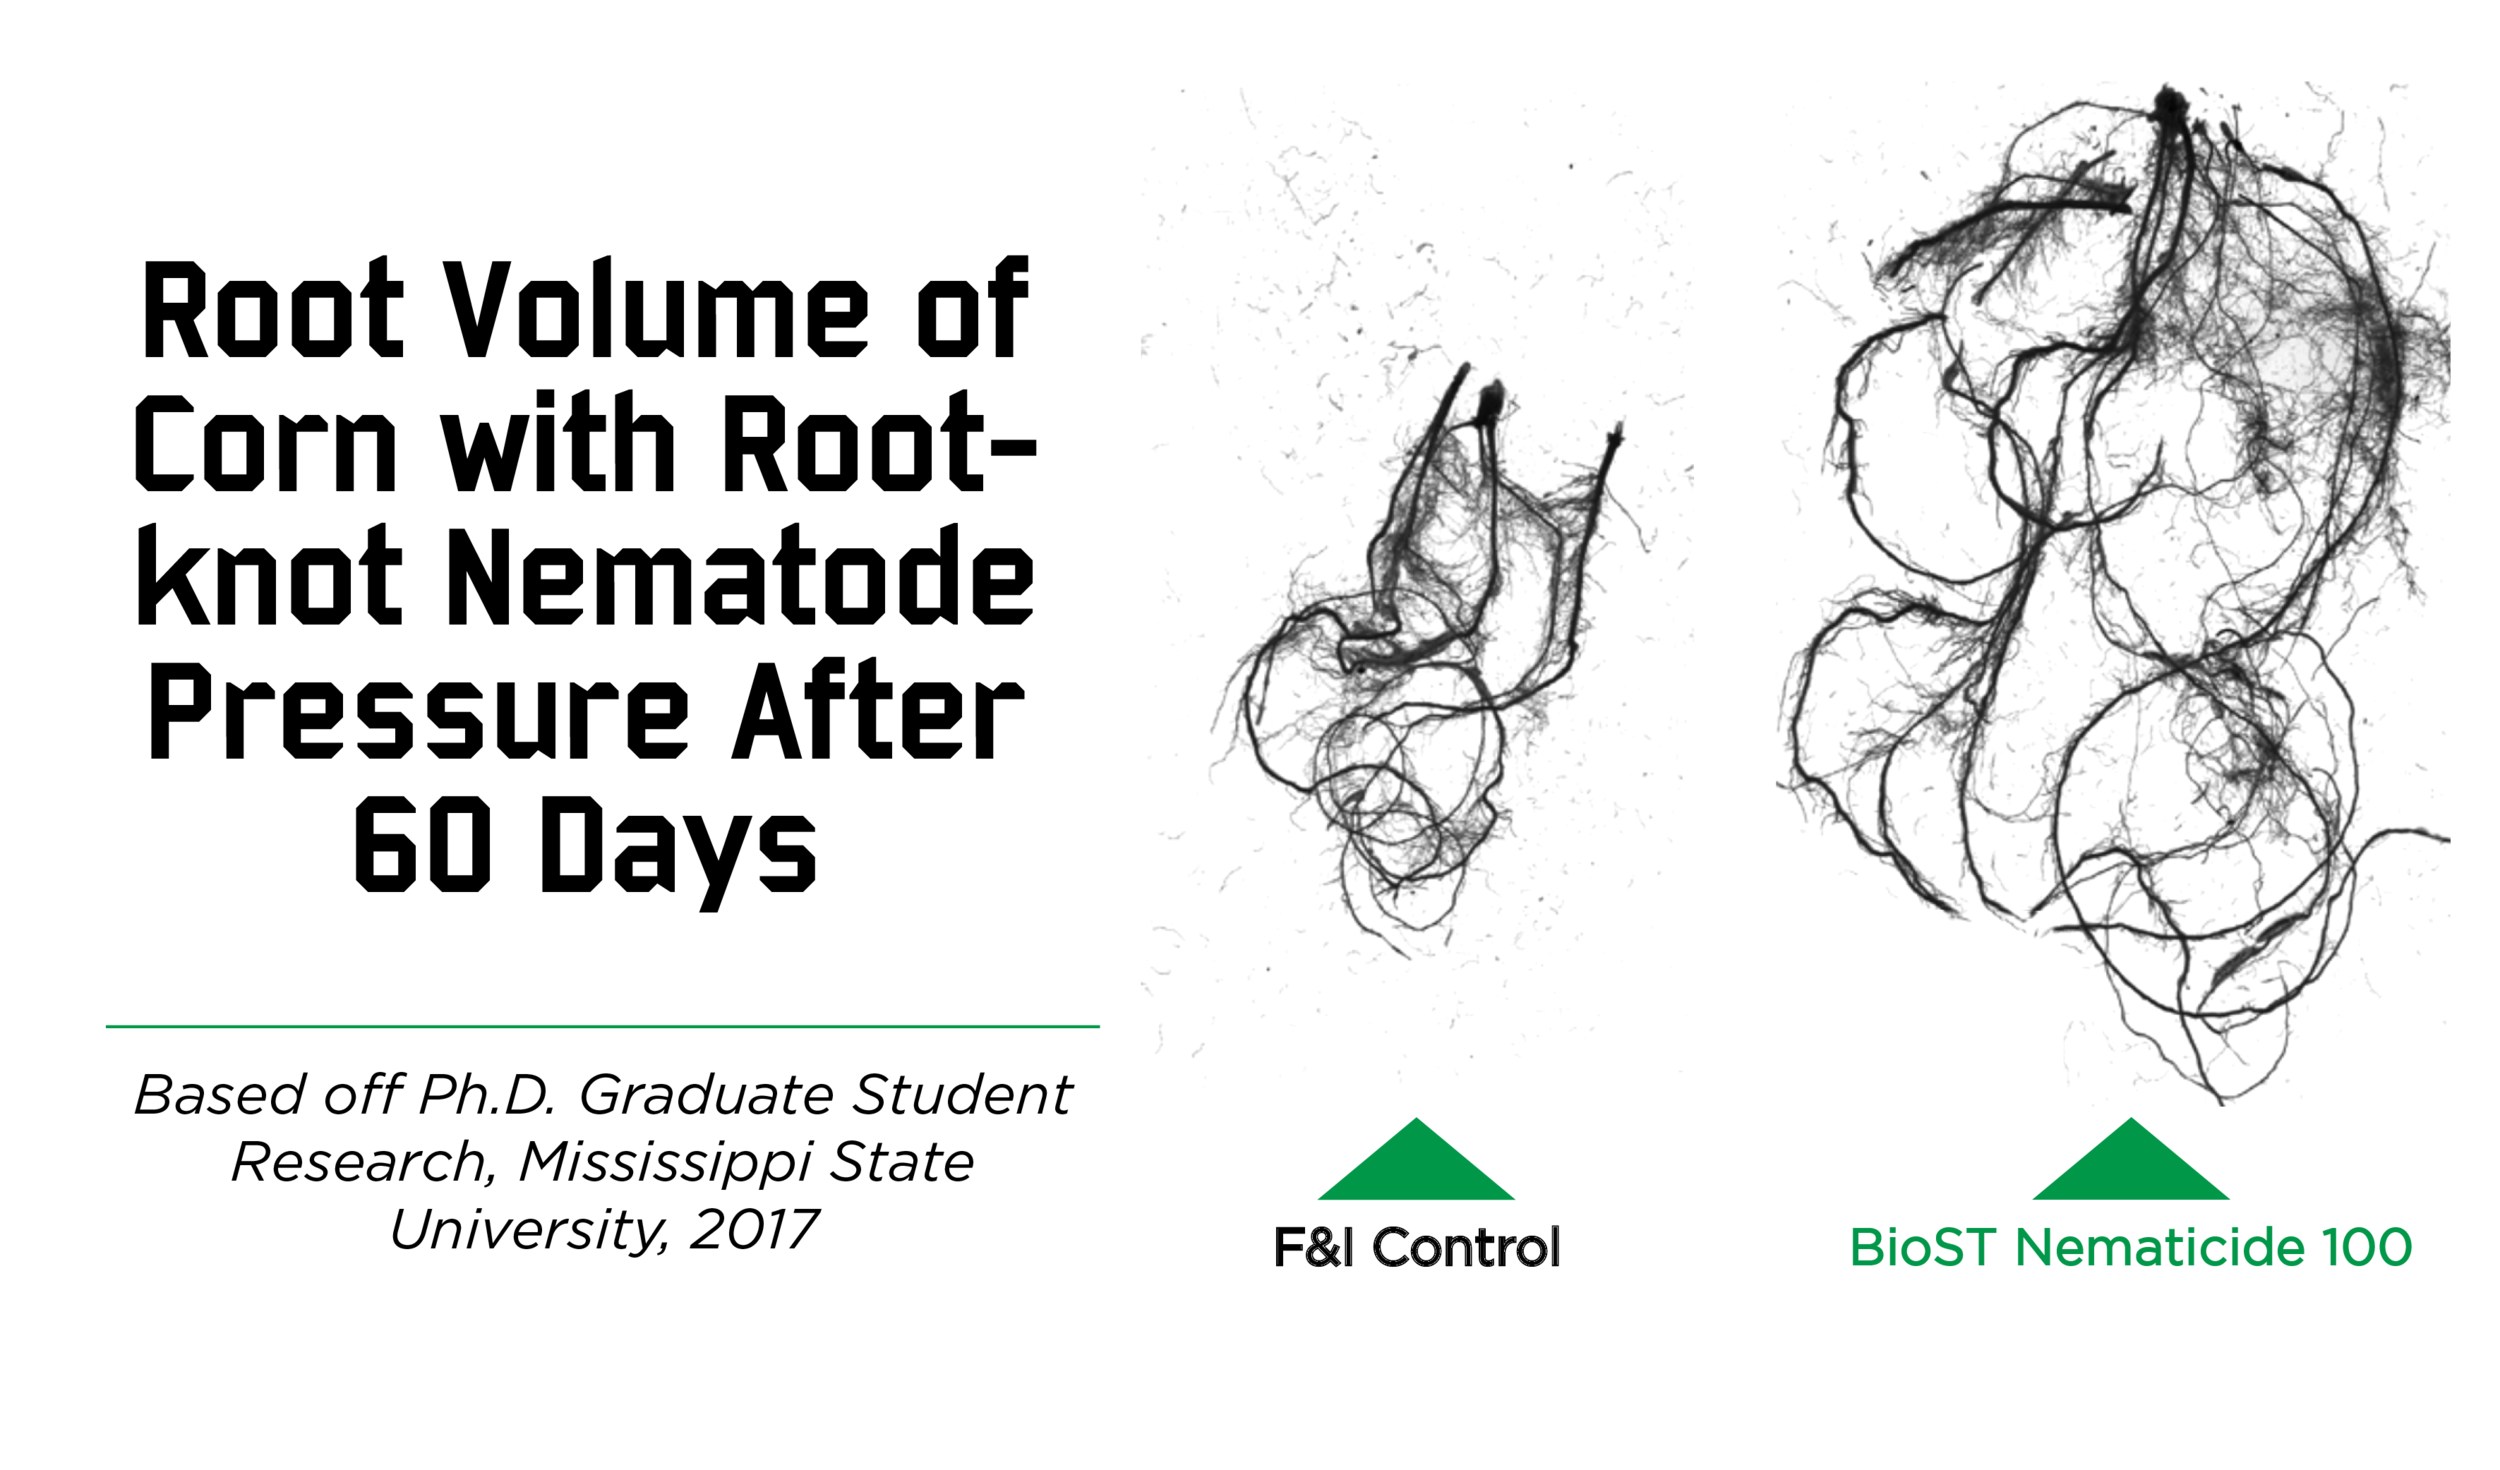 Nematicide Root Volume Comparison2.png